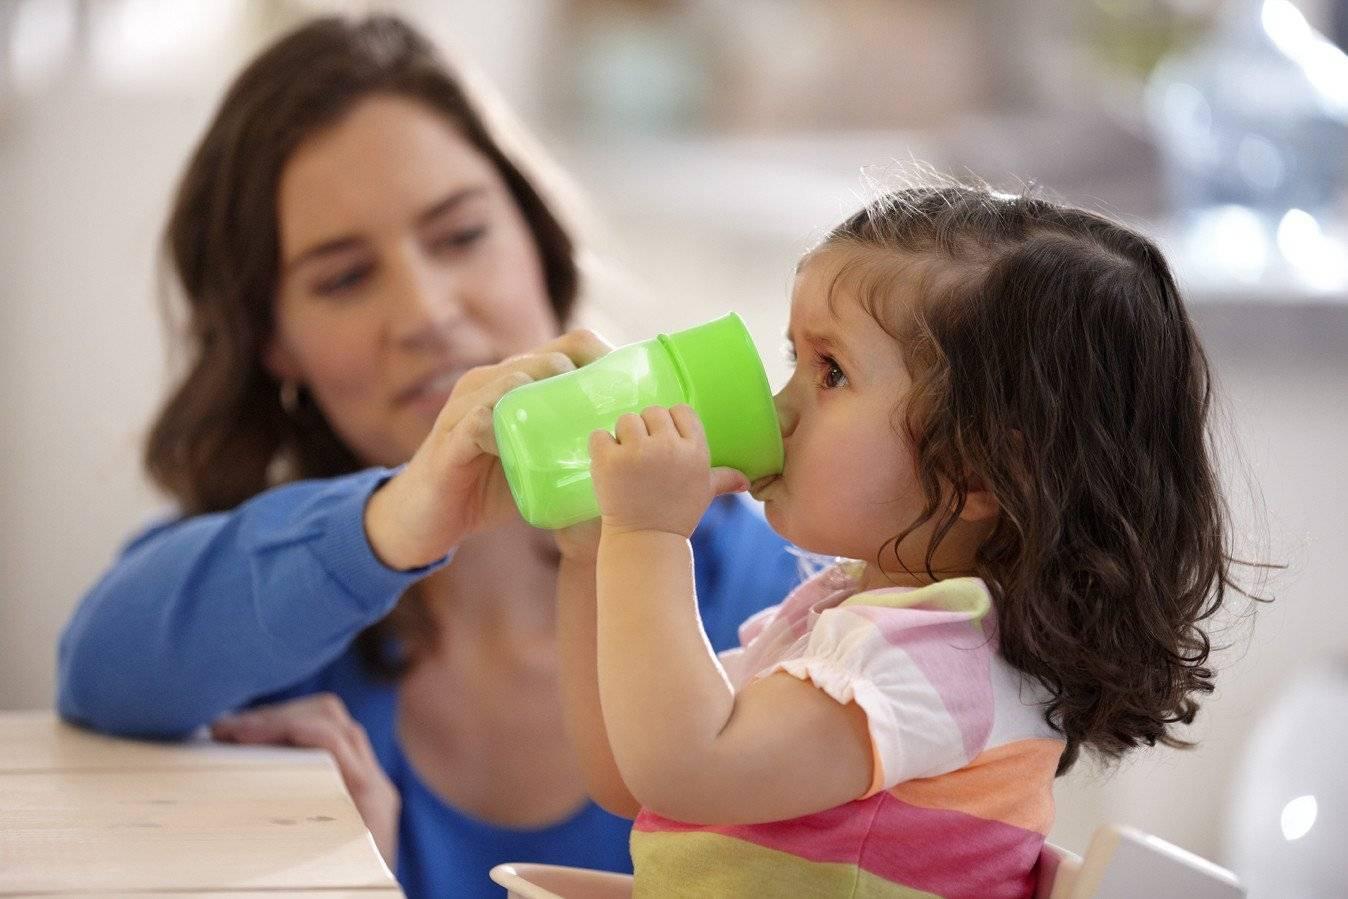 Как научить ребенка сморкаться — нюансы обучения в разном возрасте, видео